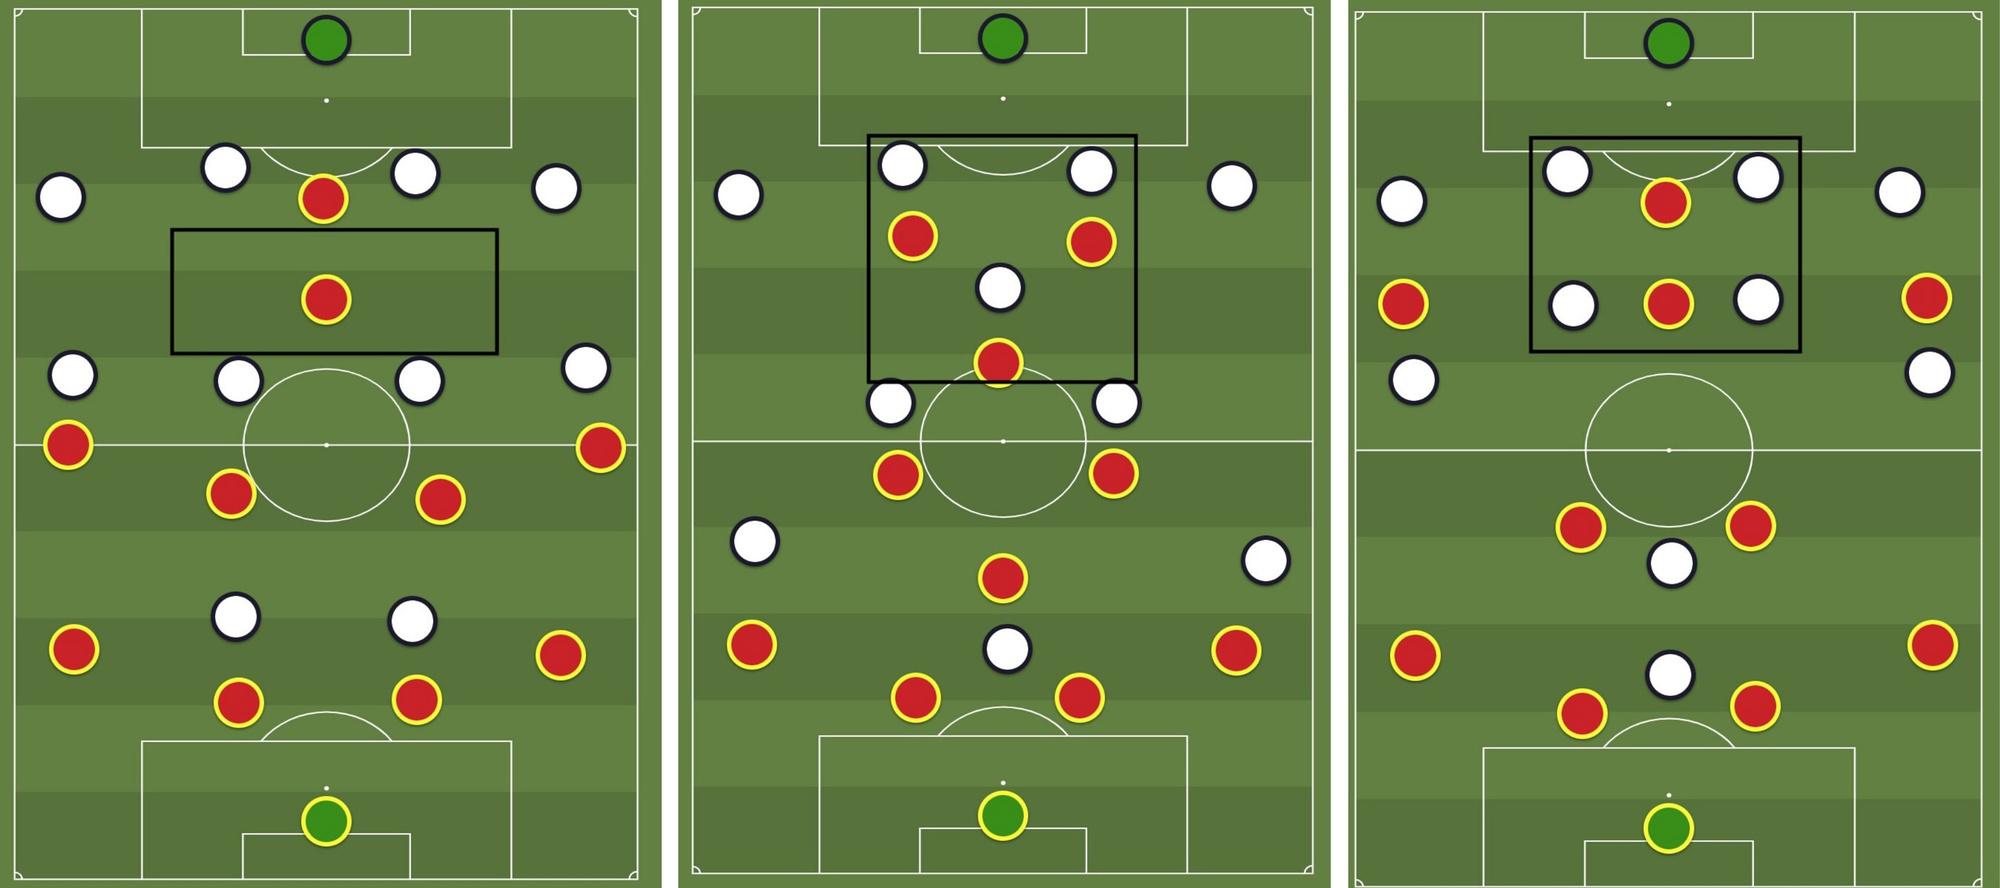 Links: tegen een gewone 4-4-2 kan de 10 optimaal profiteren van de ruimte tussen de linies. Midden: de rode ploeg, in een 4-4-2 in een ruit zoals bv. AC Milan speelden in de jaren 2000, wordt opgevangen door een 4-3-3. De nummer 10 wordt dus opgevangen door één verdedigende middenvelder, waardoor er centraal nog altijd een 3vs3 is. Ideaal voor creatieve spelers. Rechts: door nog een verdedigende middenvelder erbij te zetten, is de verdediging ruimschoots in het voordeel wanneer beide ploegen in 4-2-3-1 spelen., Redactie